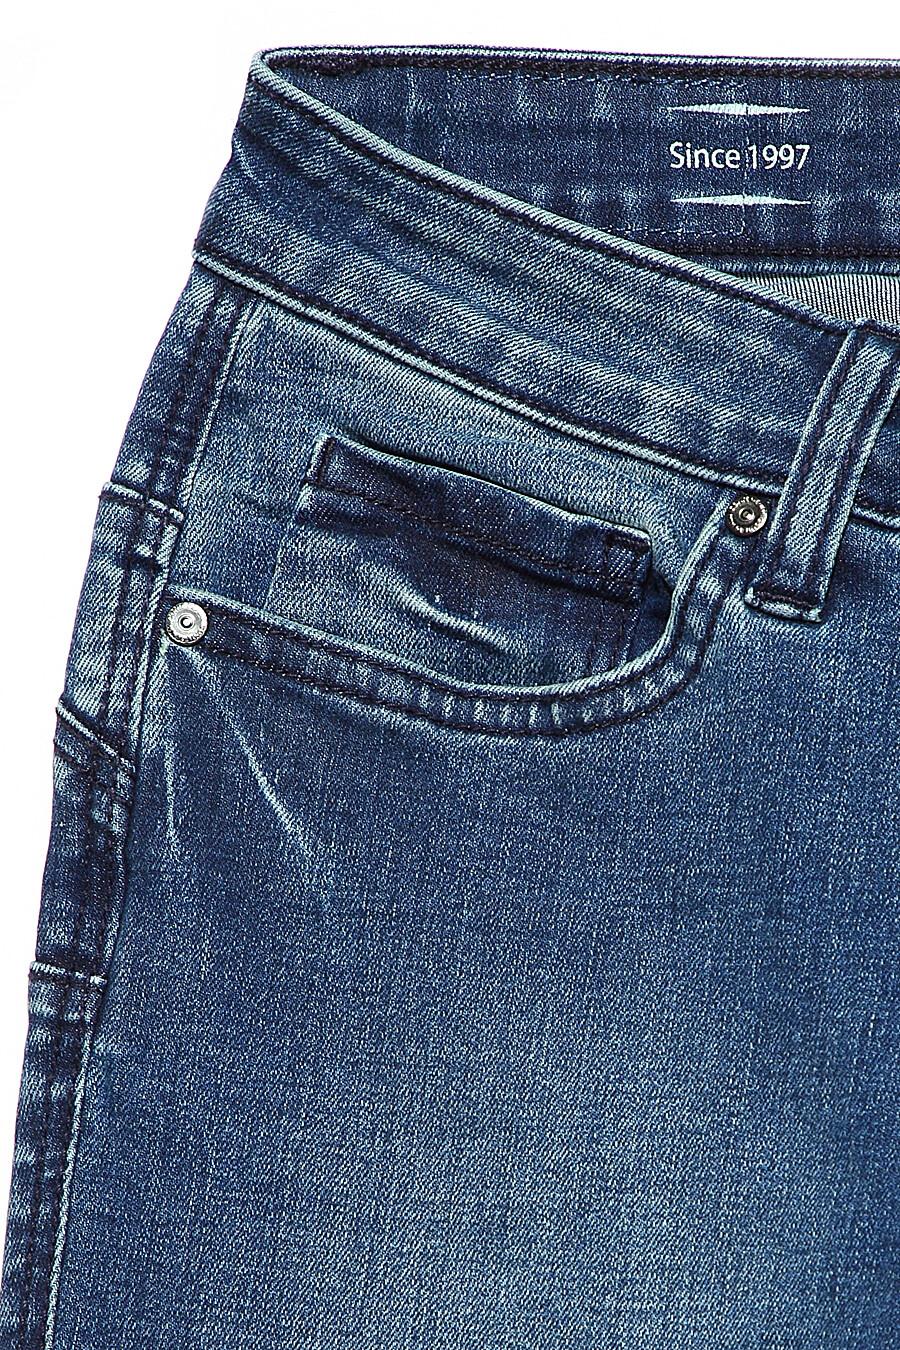 Джинсы для женщин CONTE ELEGANT 148321 купить оптом от производителя. Совместная покупка женской одежды в OptMoyo